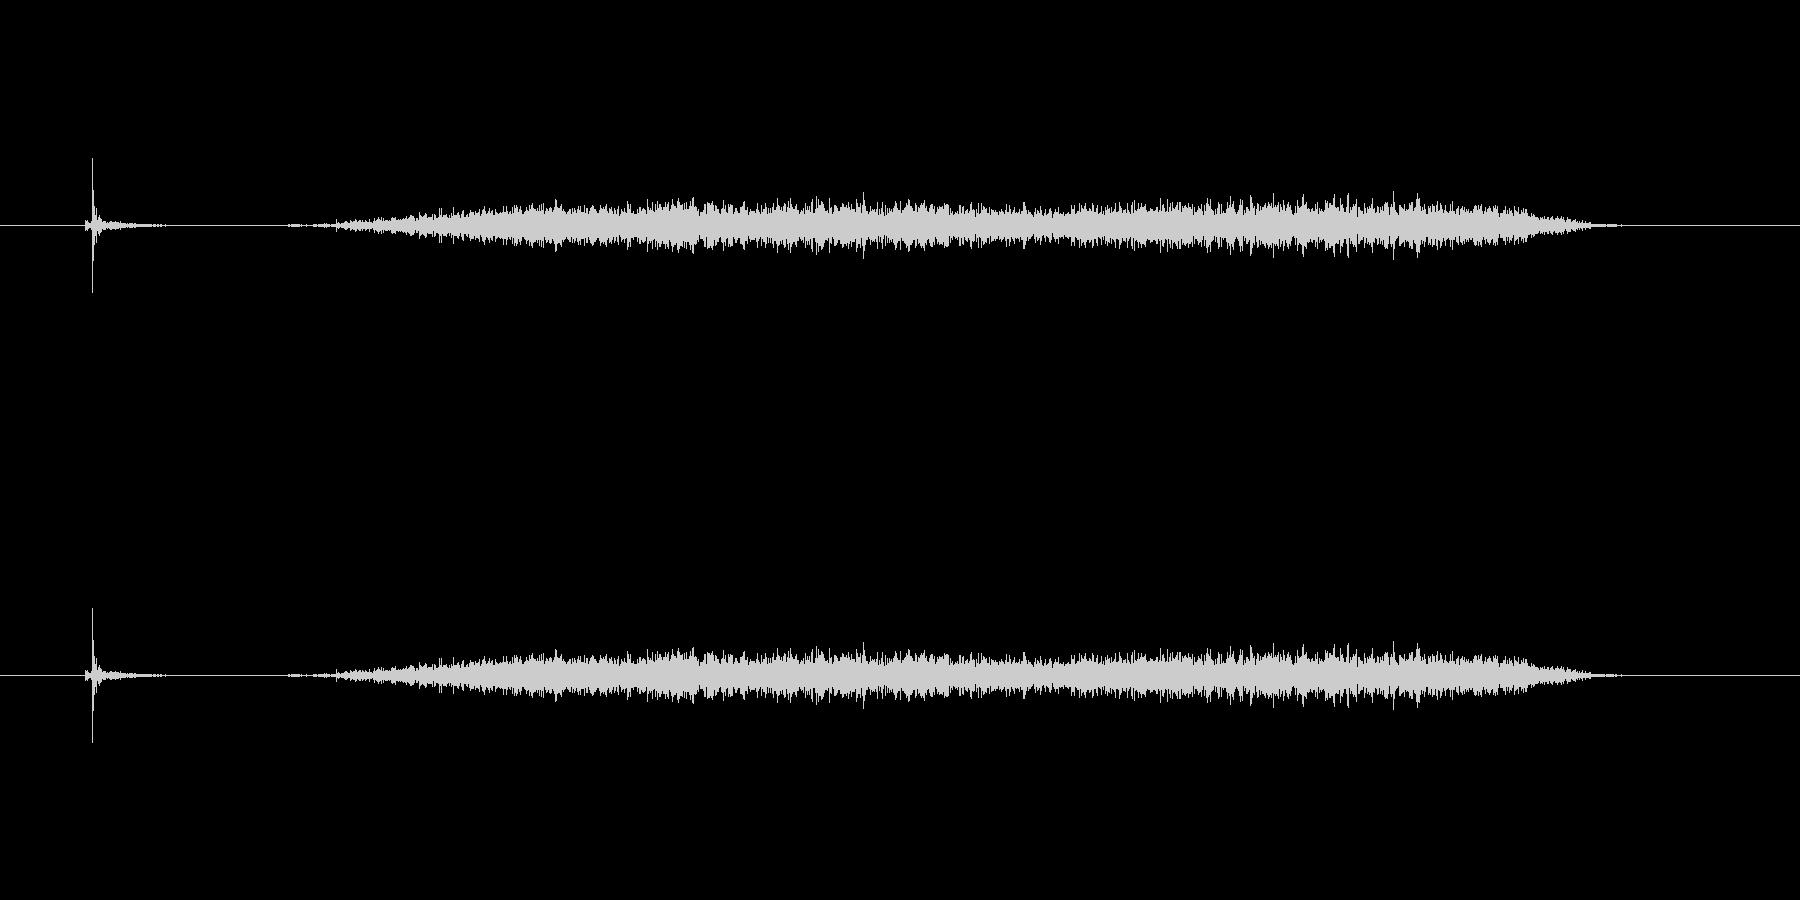 【カッター02-5(切る 紙)】の未再生の波形